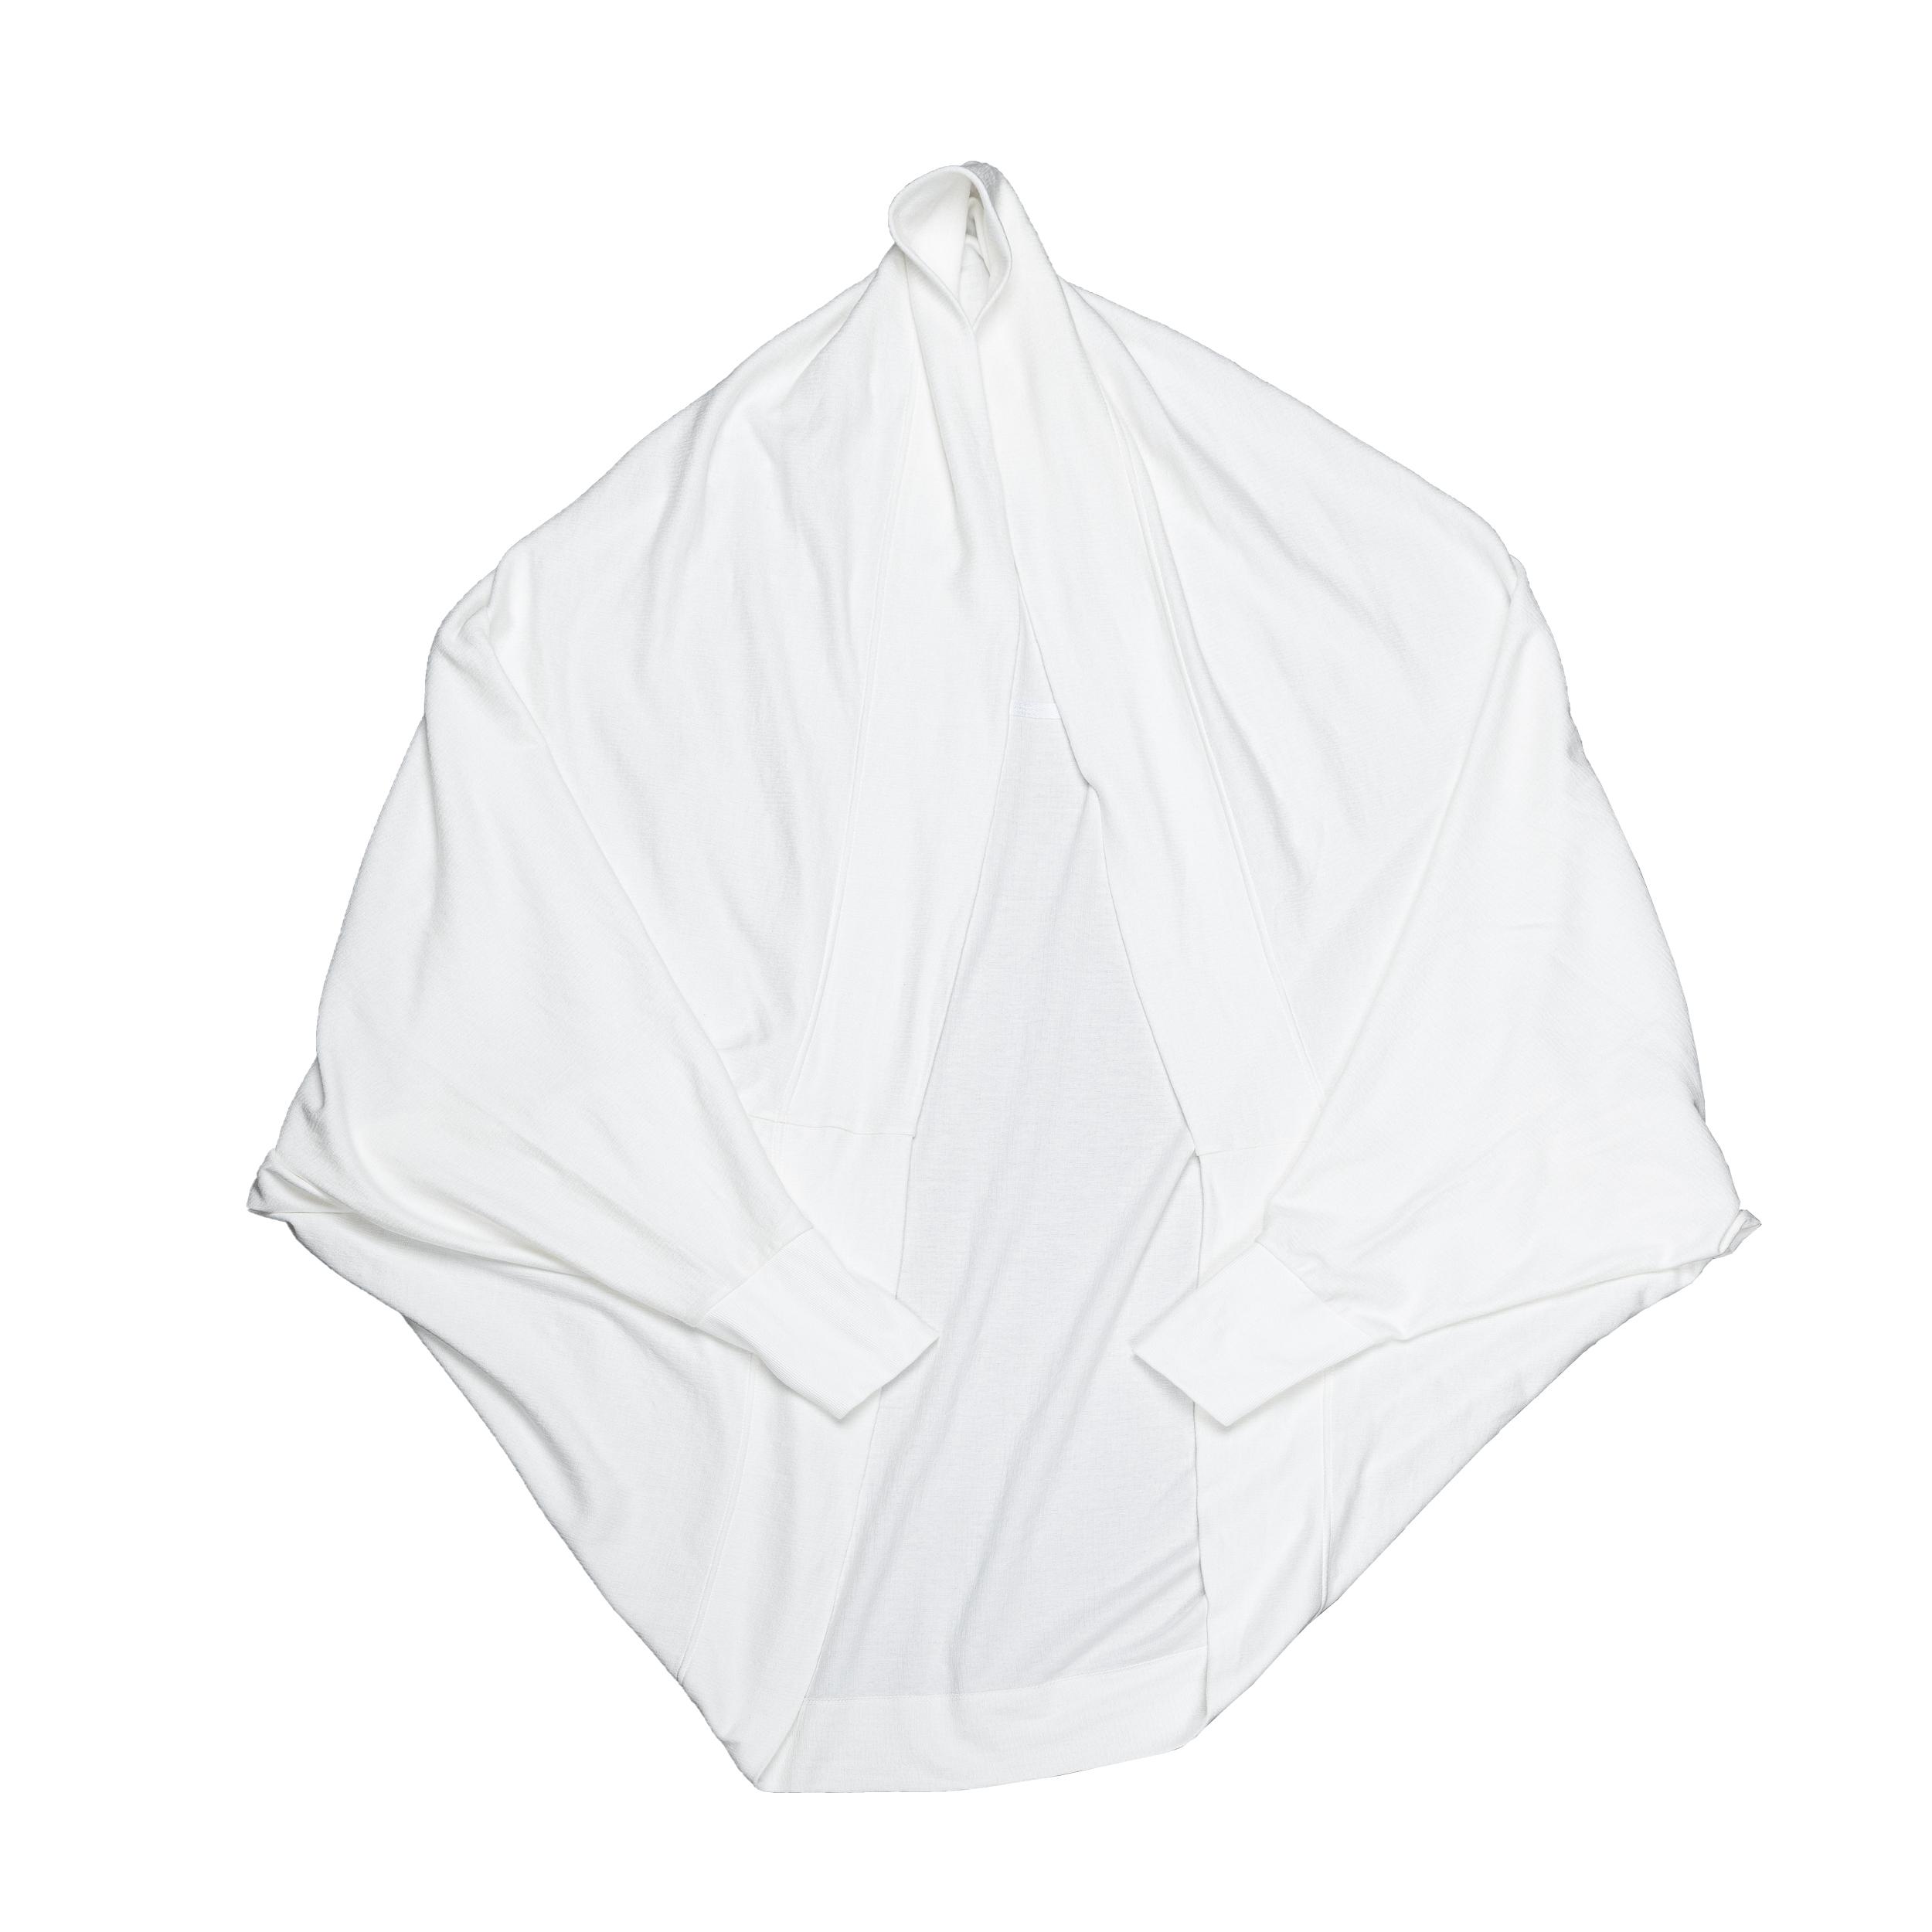 667CUM2-WHITE / コクーンジャケット